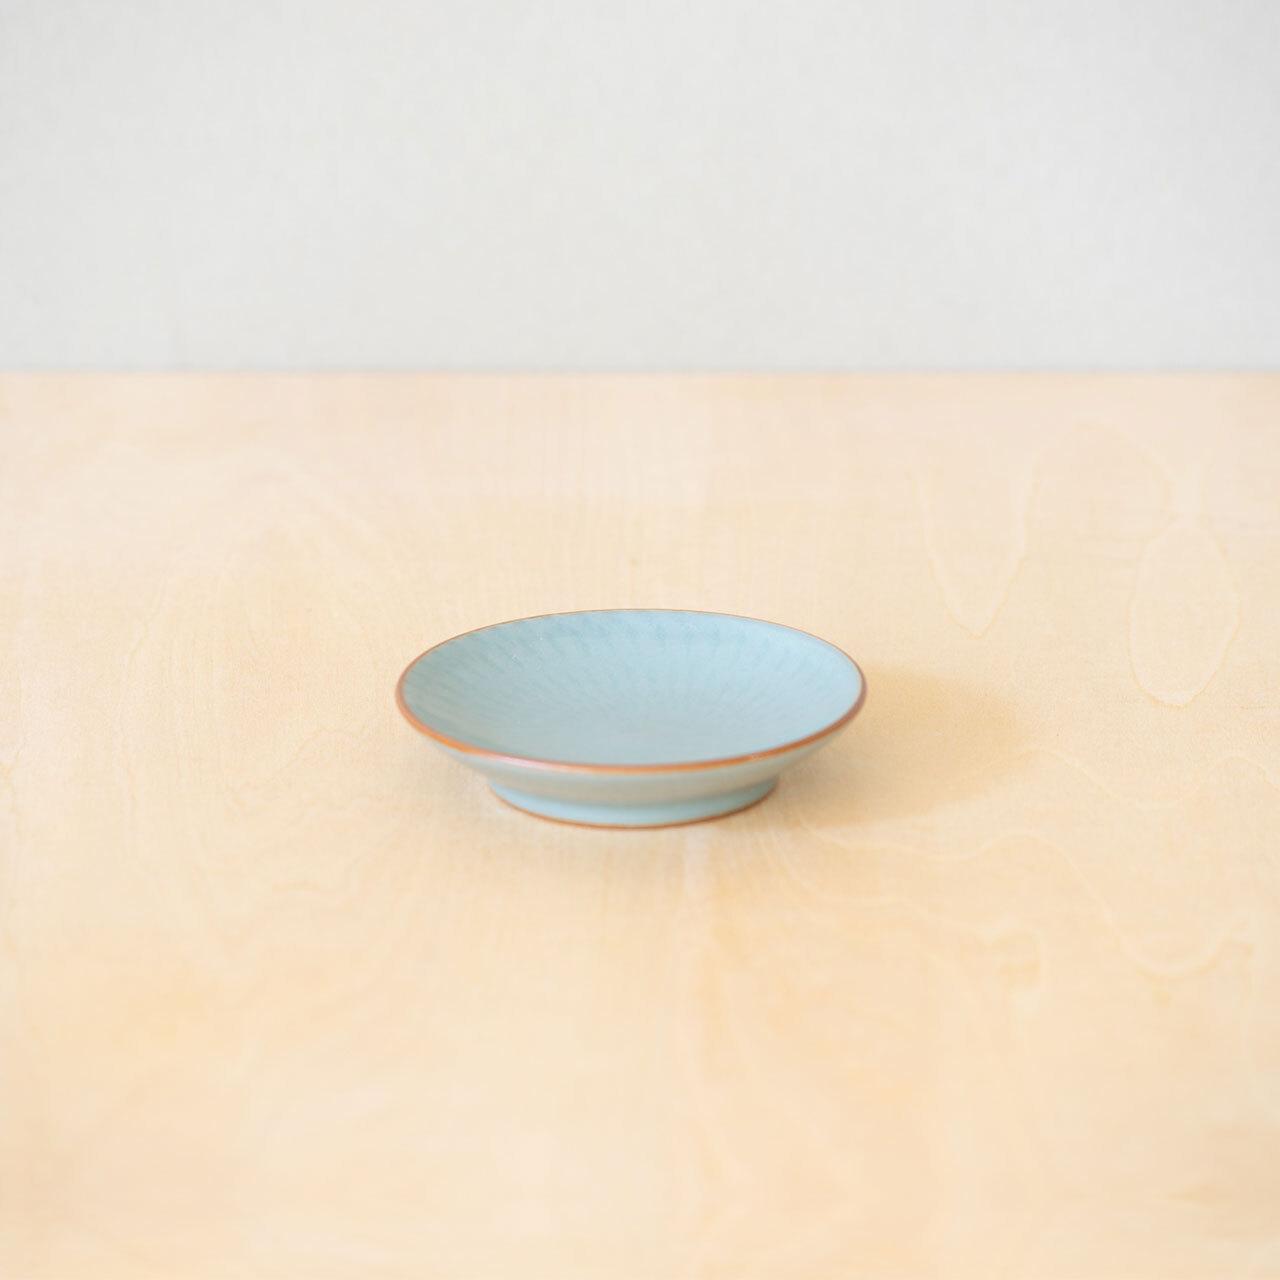 青磁飛鉋 豆皿【予約販売】